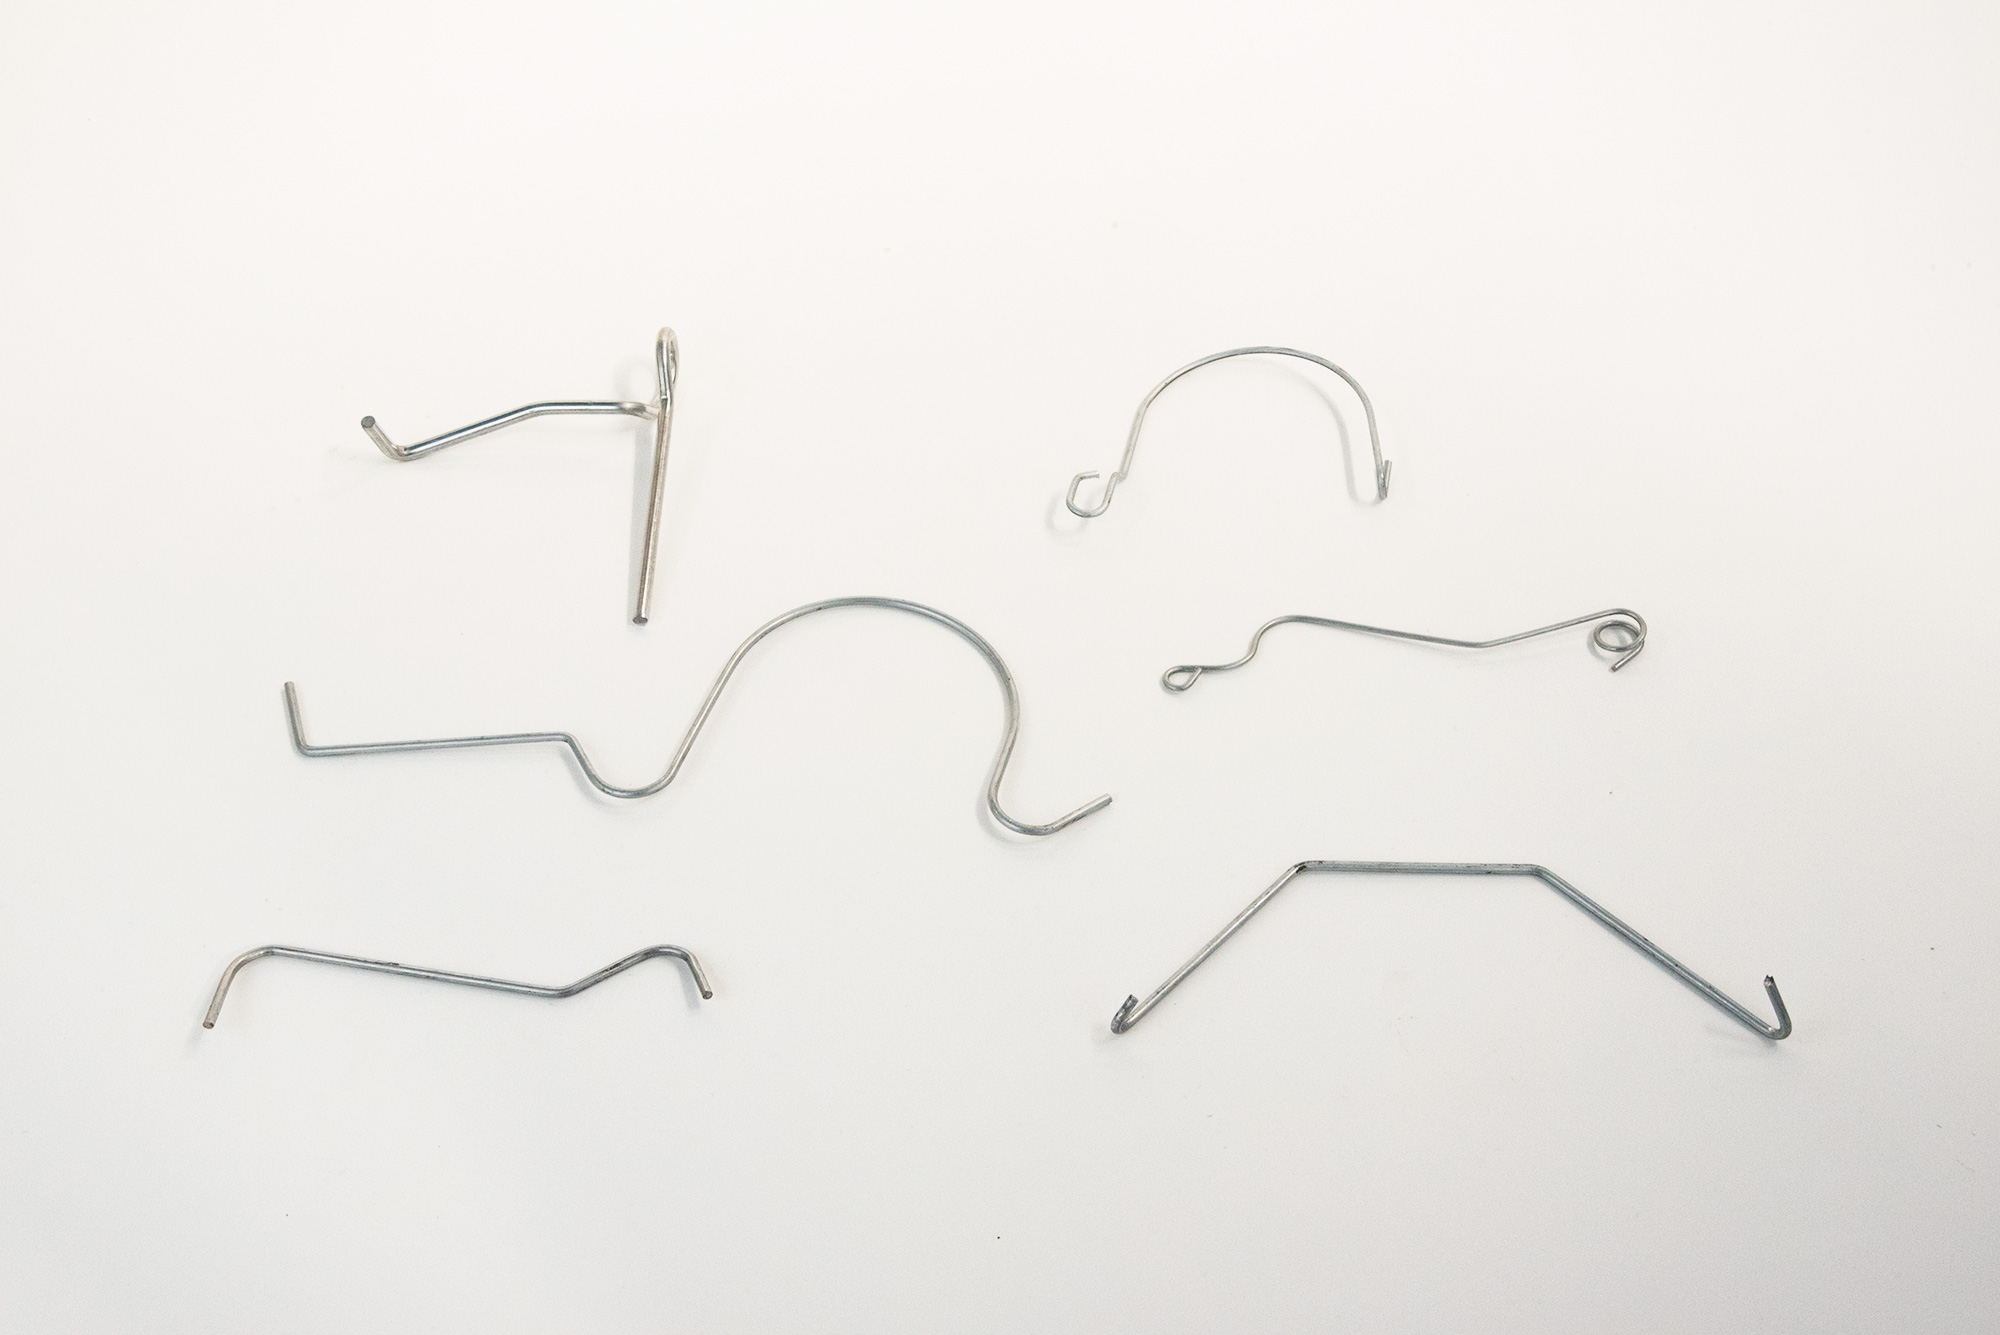 Gancetteria-accessori-per-frutteto-mollificio-astigiano-belveglio-asti-italia